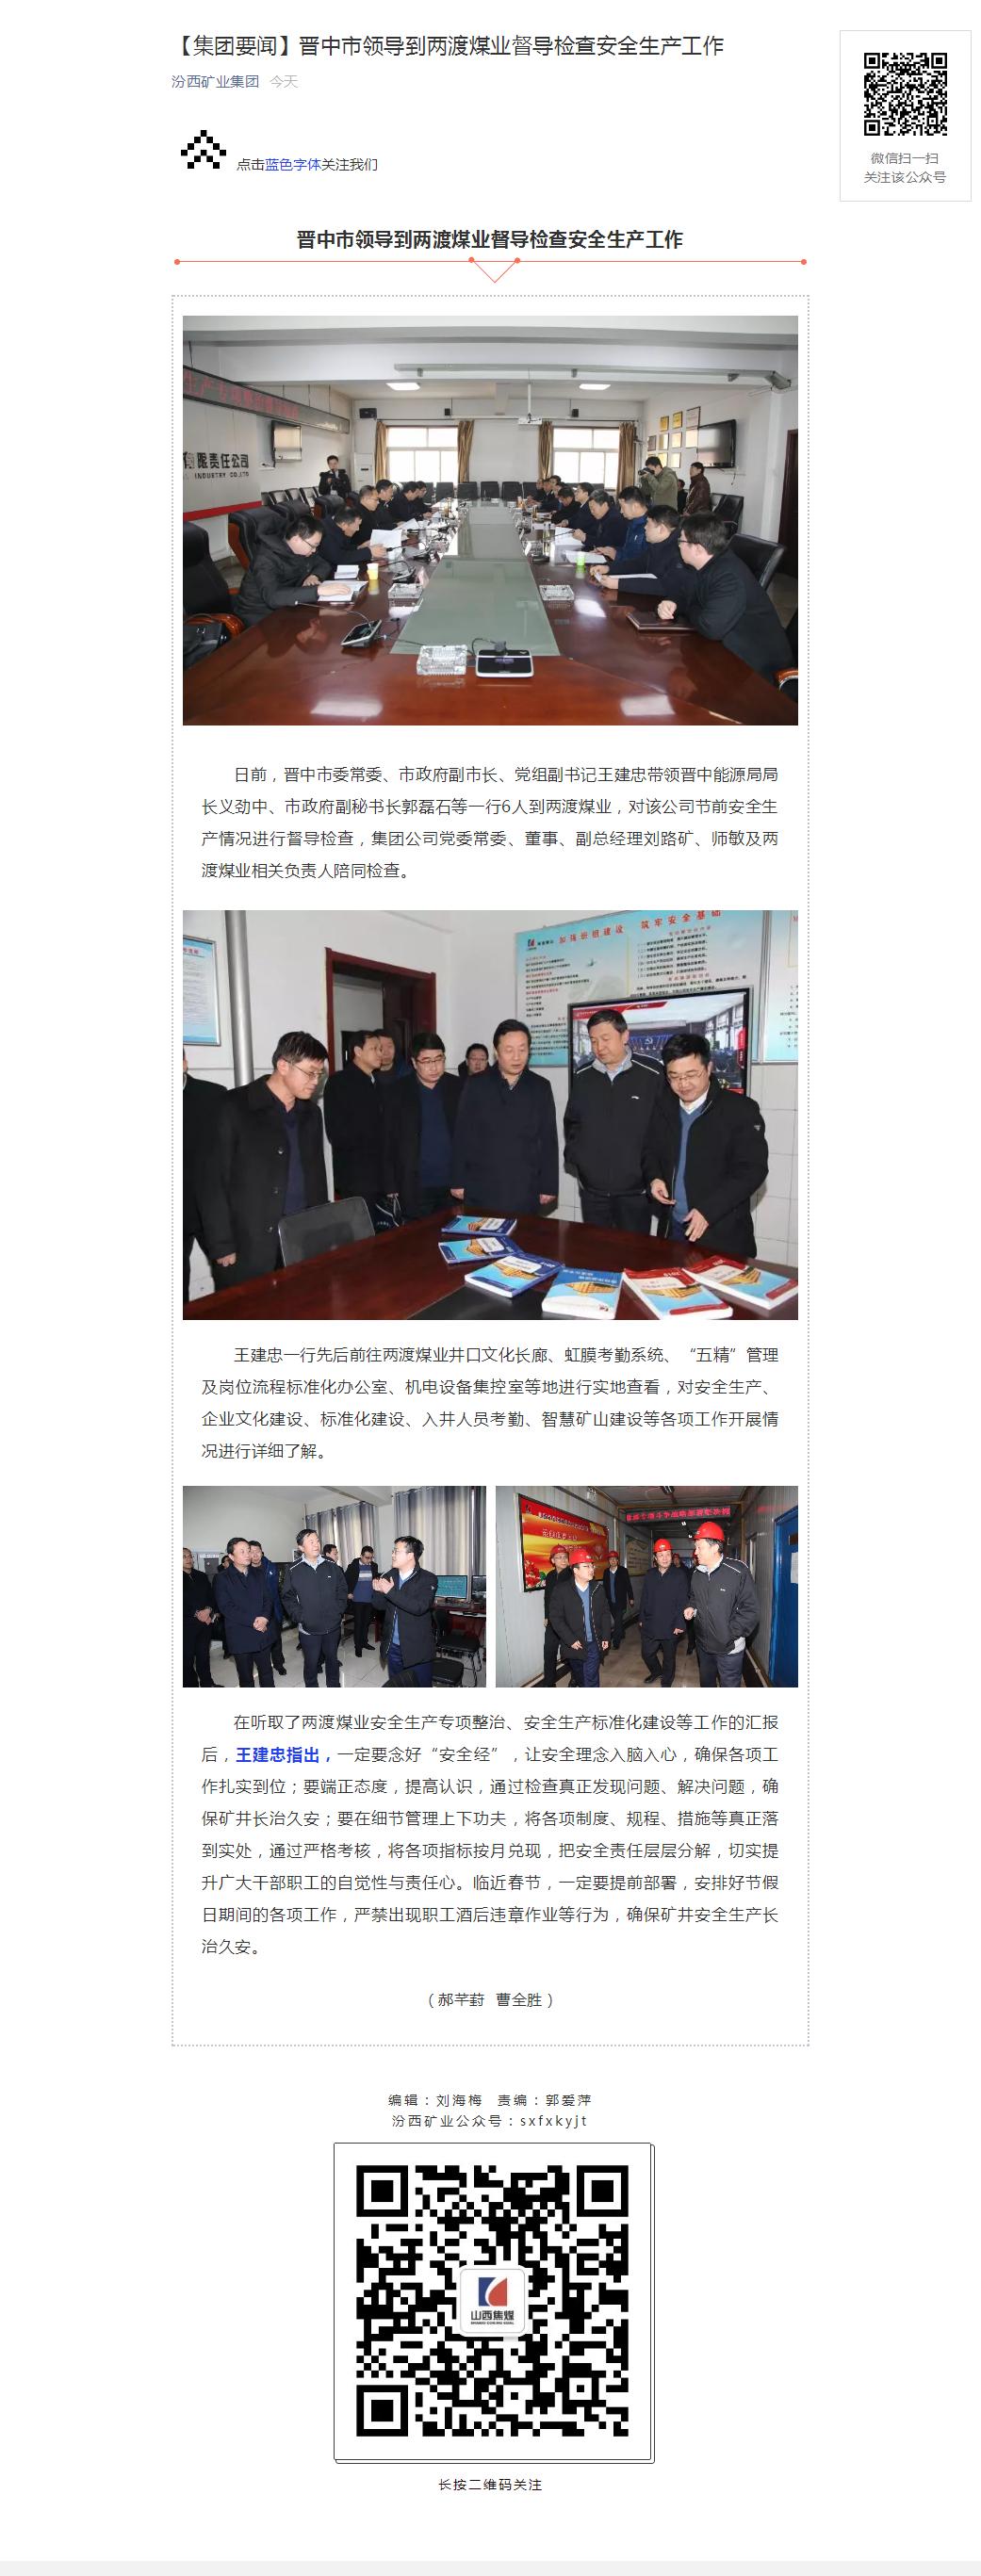 晋中市领导到两渡煤业督导检查安全生产工作.png